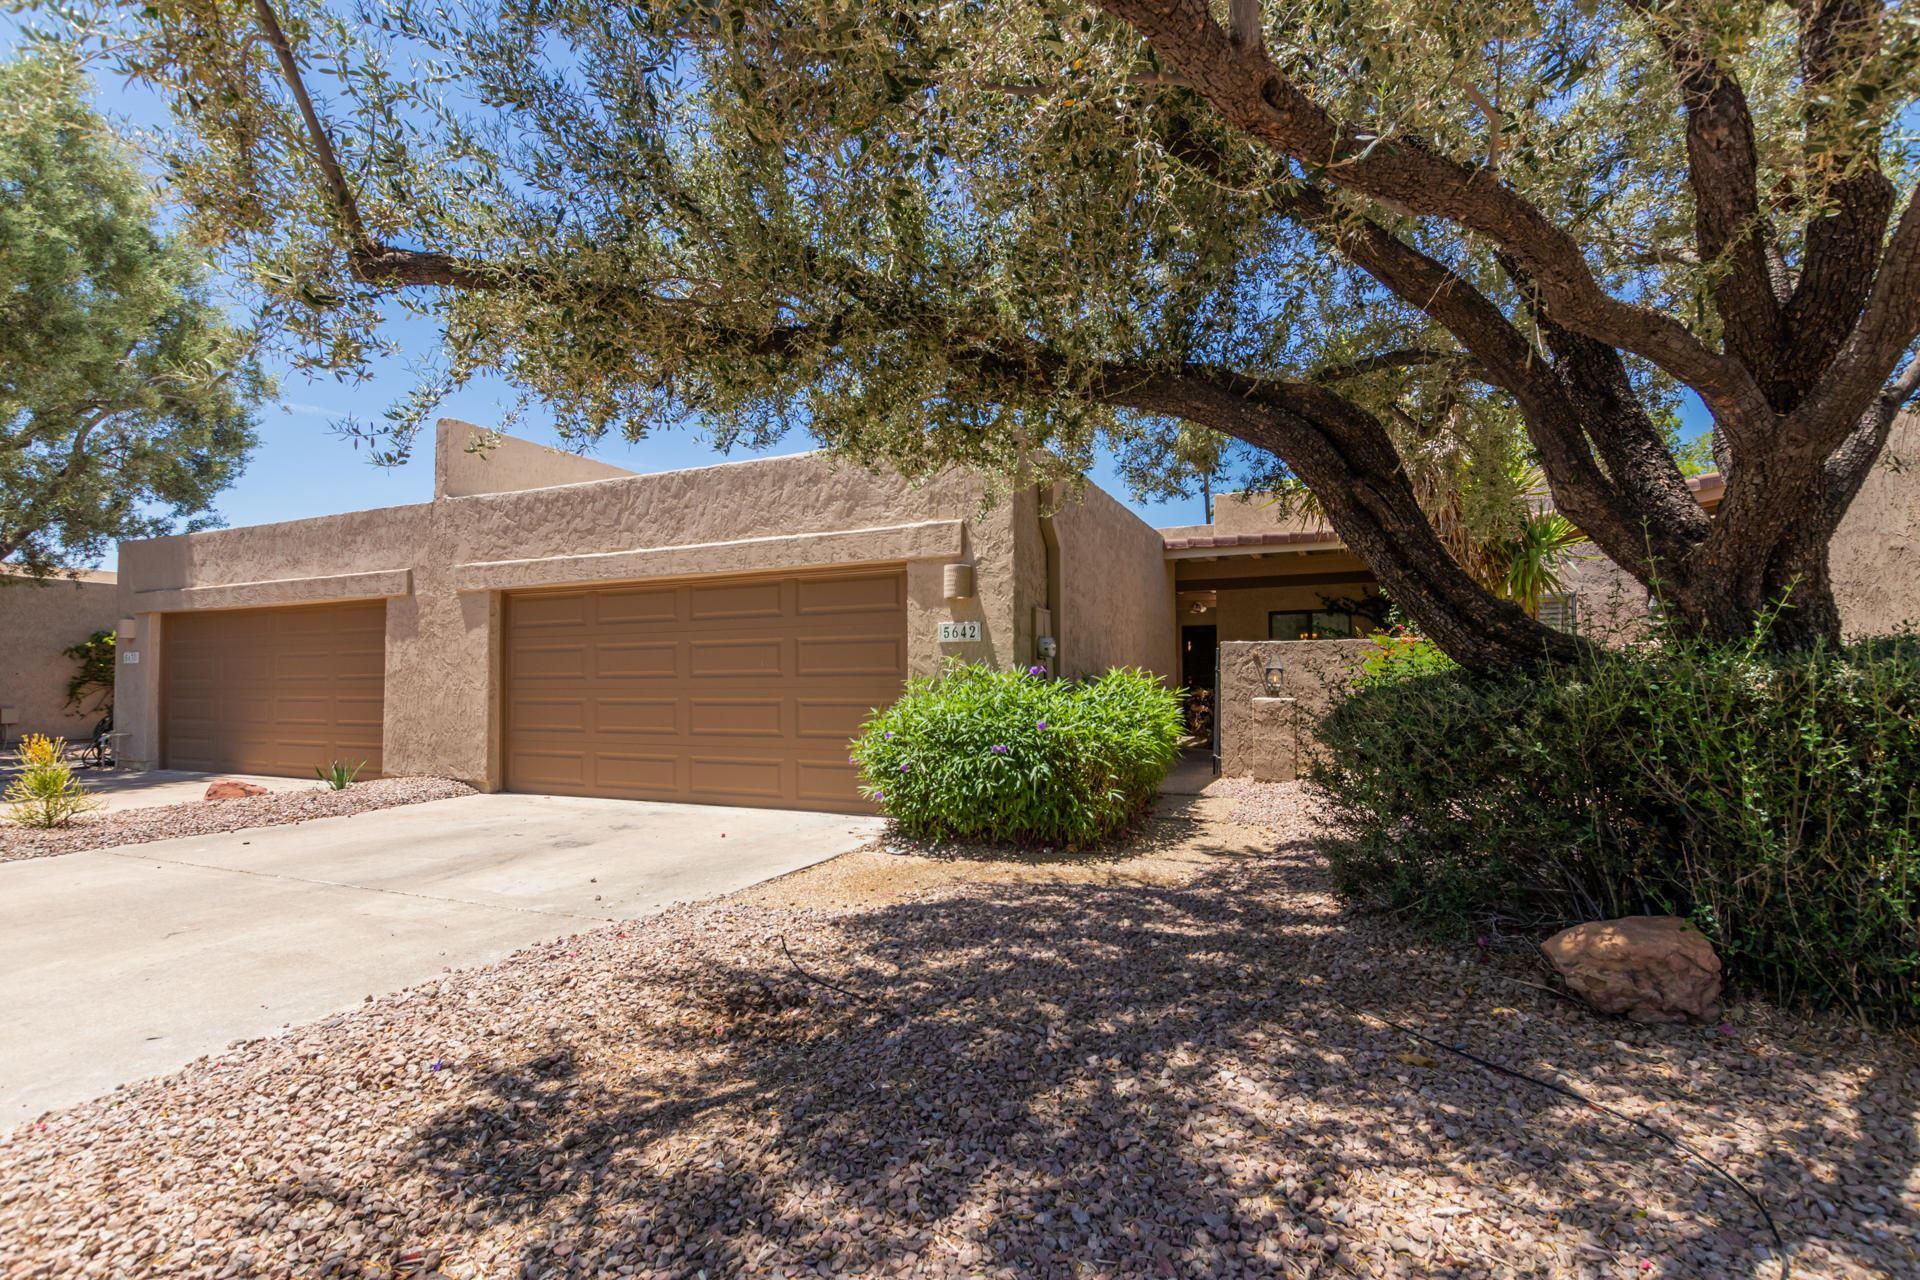 5642 N 78TH Place, Scottsdale, AZ 85250 - MLS#: 6232899